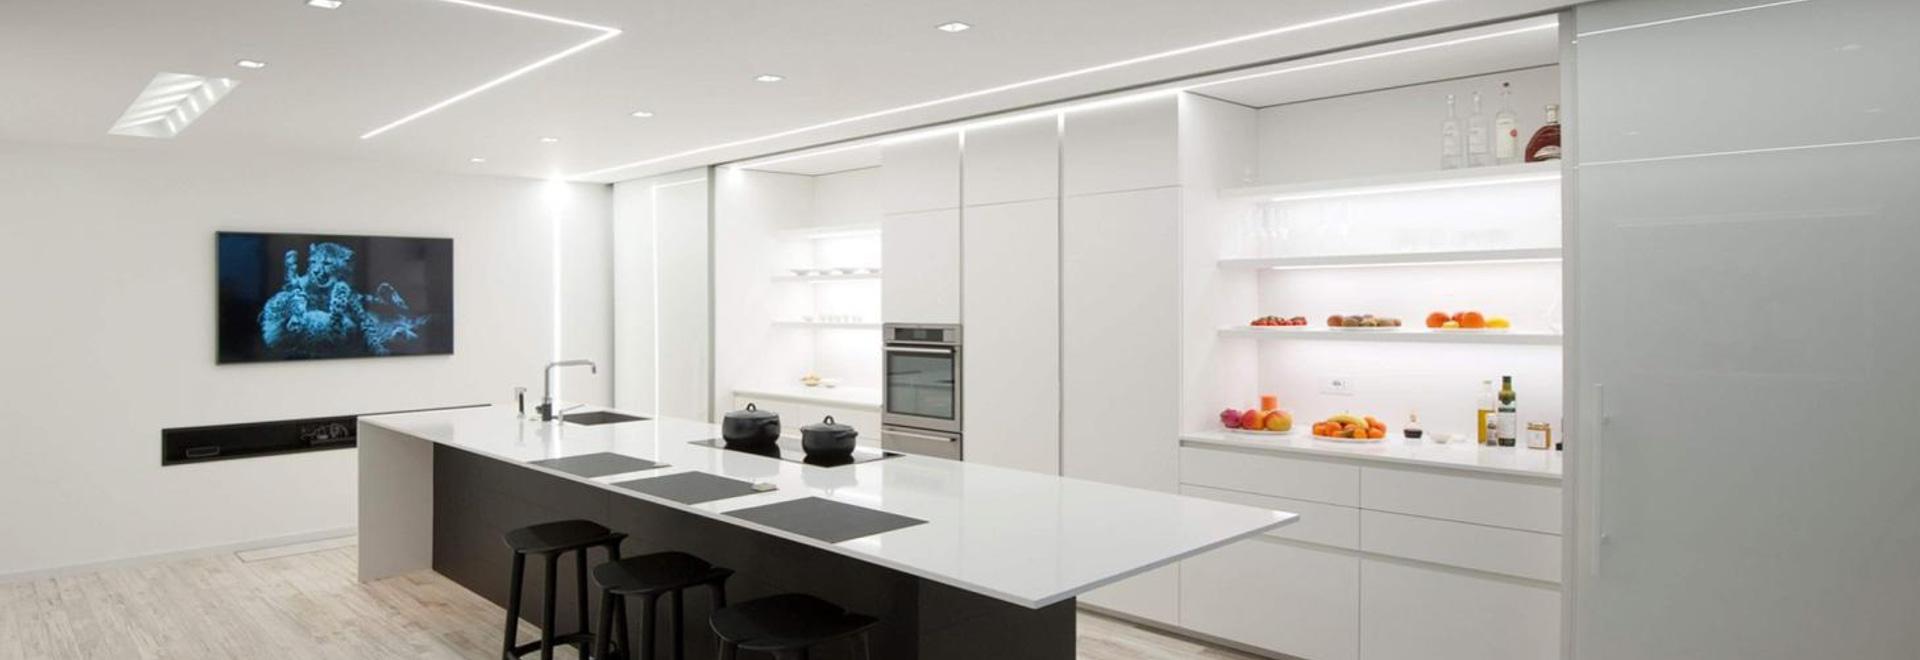 Minimalism in the kitchen!